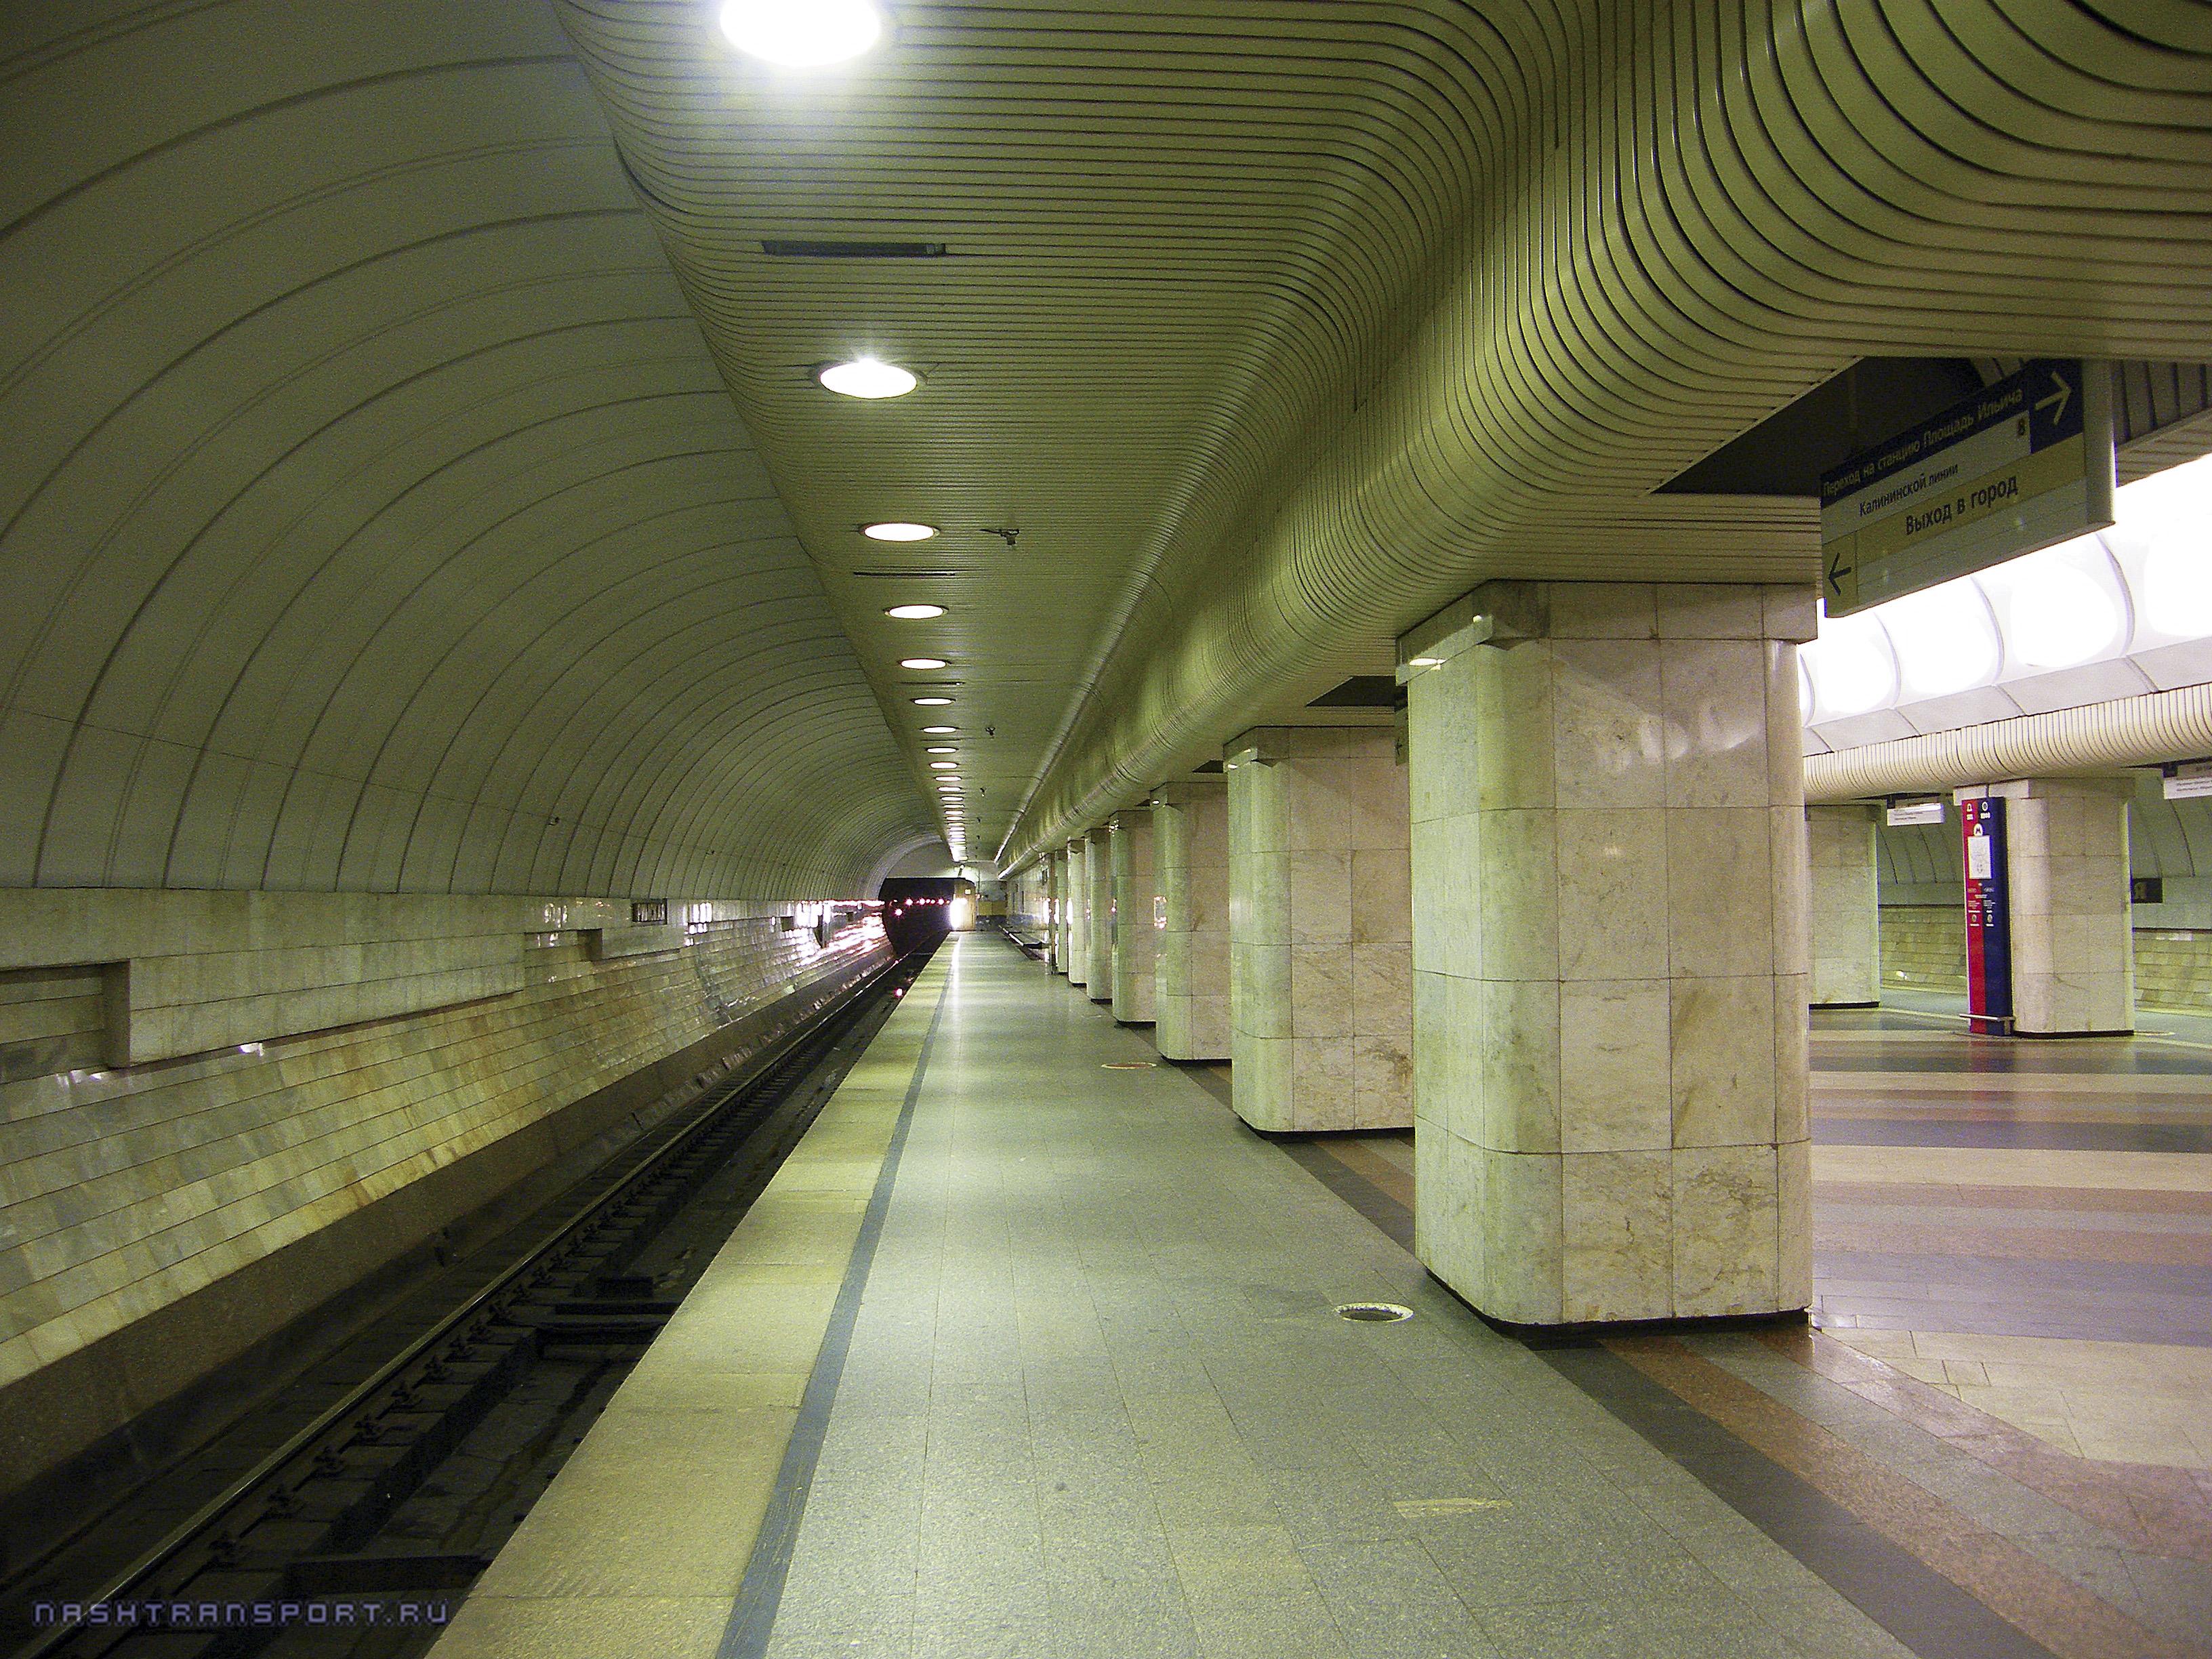 eroticheskiy-massazh-metro-planernaya